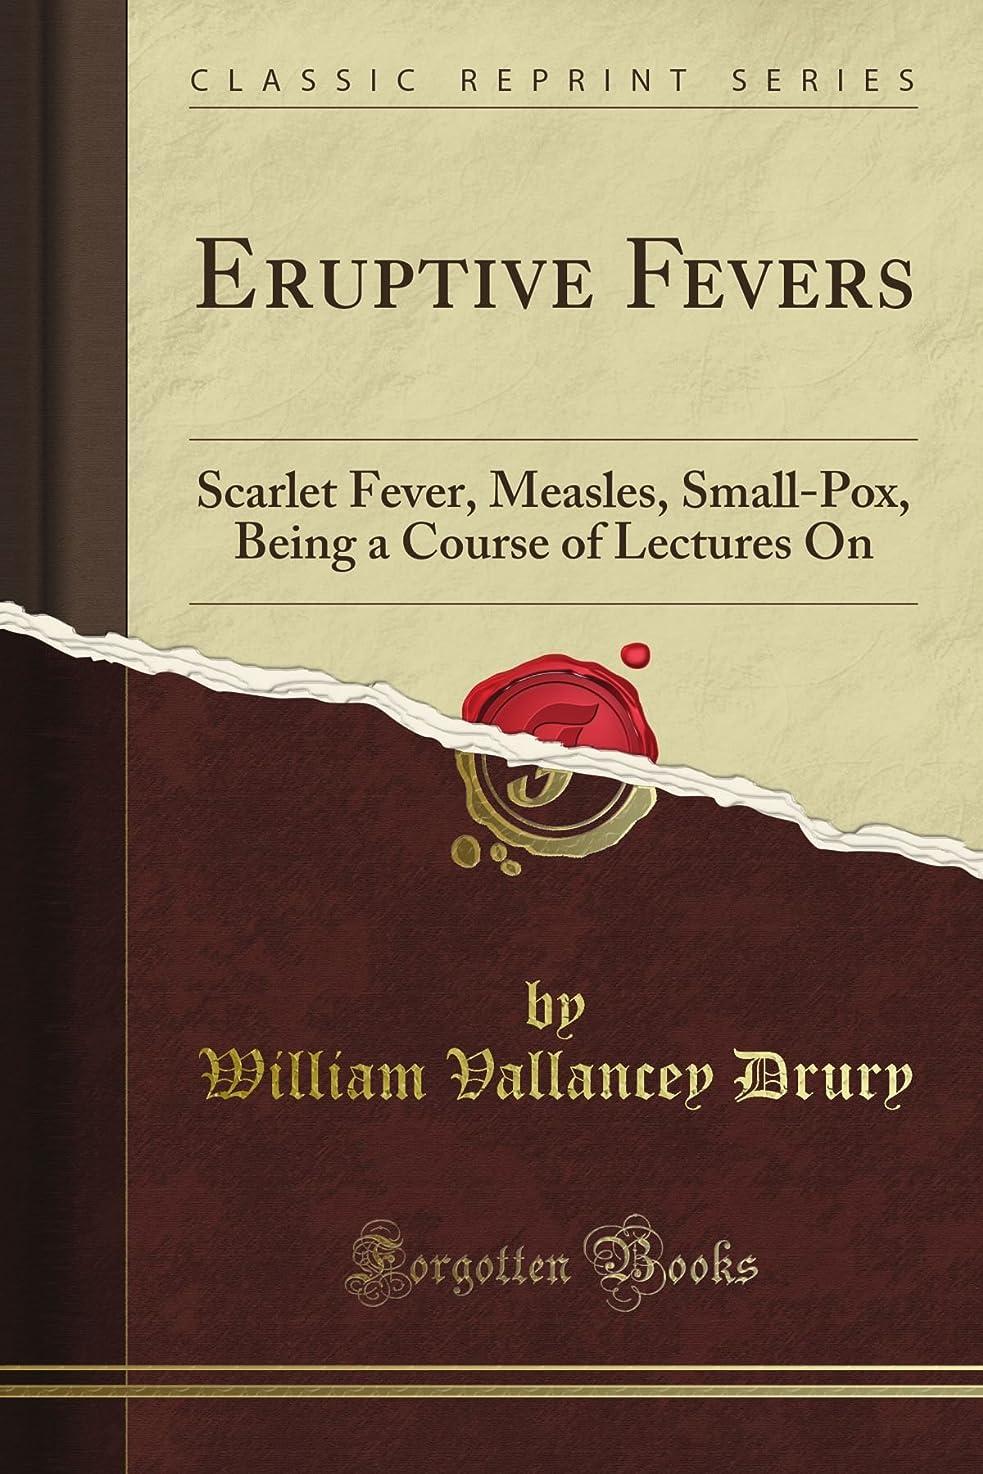 微妙マウンドオークションEruptive Fevers: Scarlet Fever, Measles, Small-Pox, Being a Course of Lectures On (Classic Reprint)